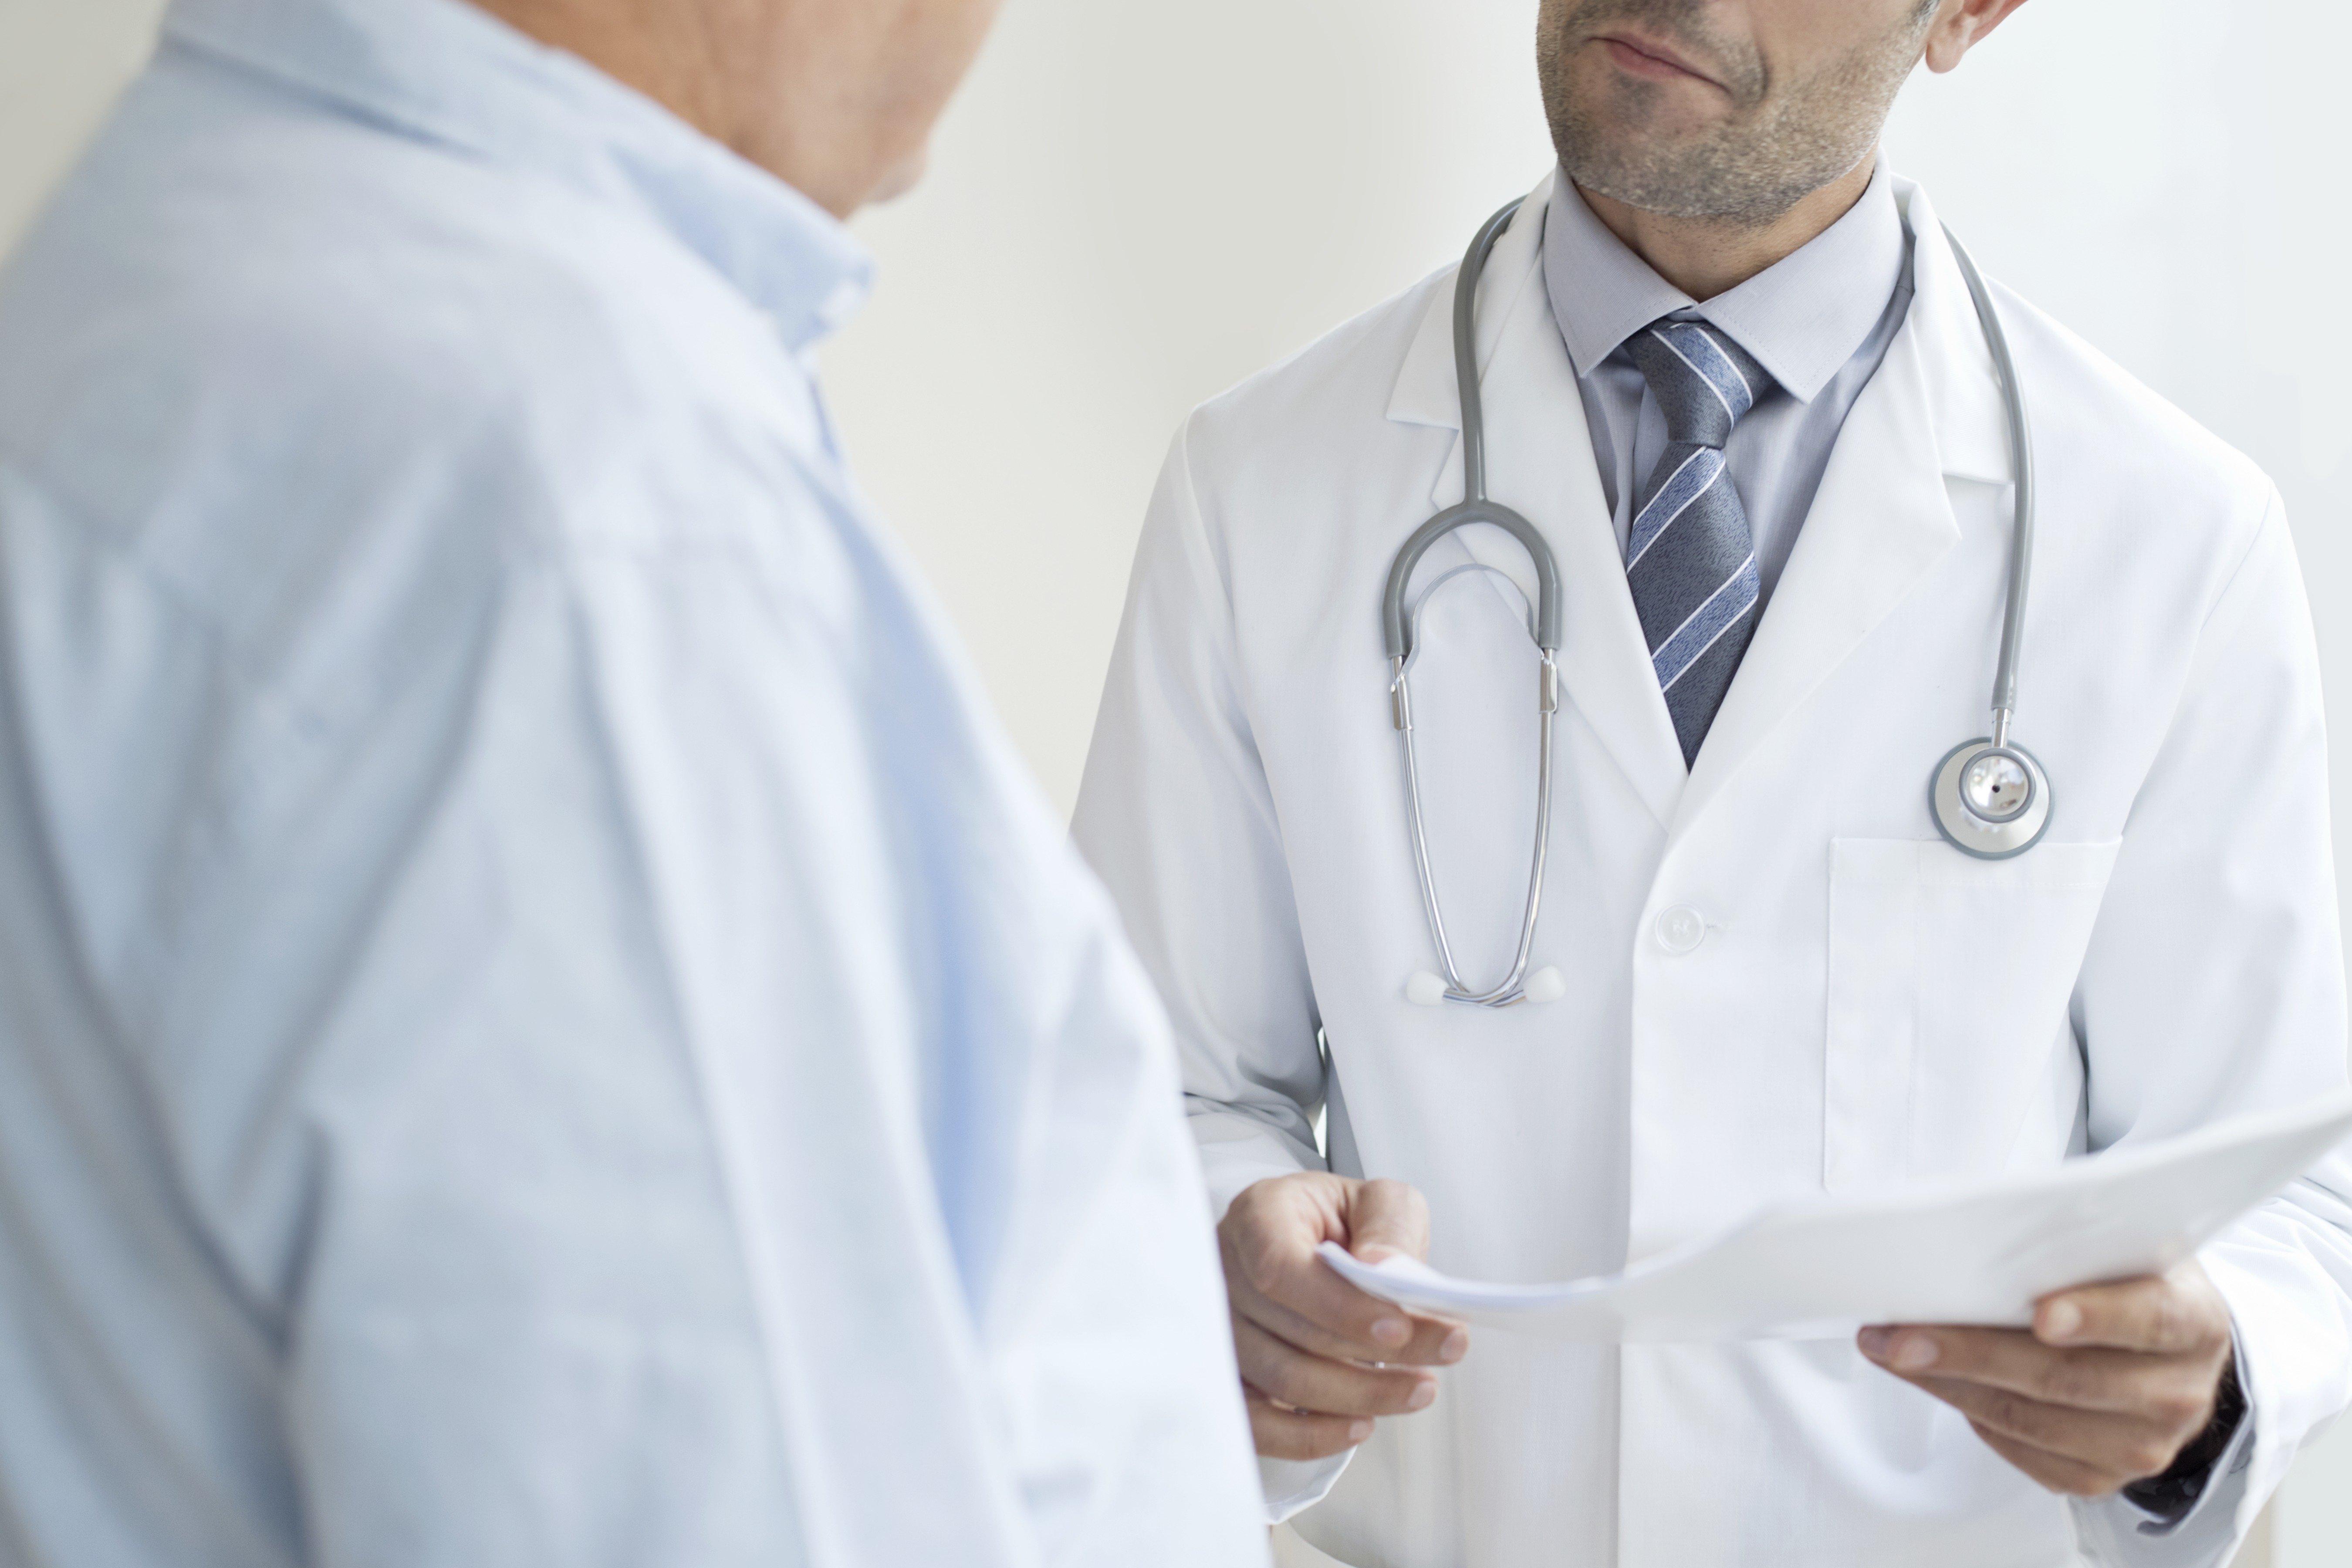 9-facher Vater geht zum Urologen – das Ergebnis lässt ihn an seiner Frau